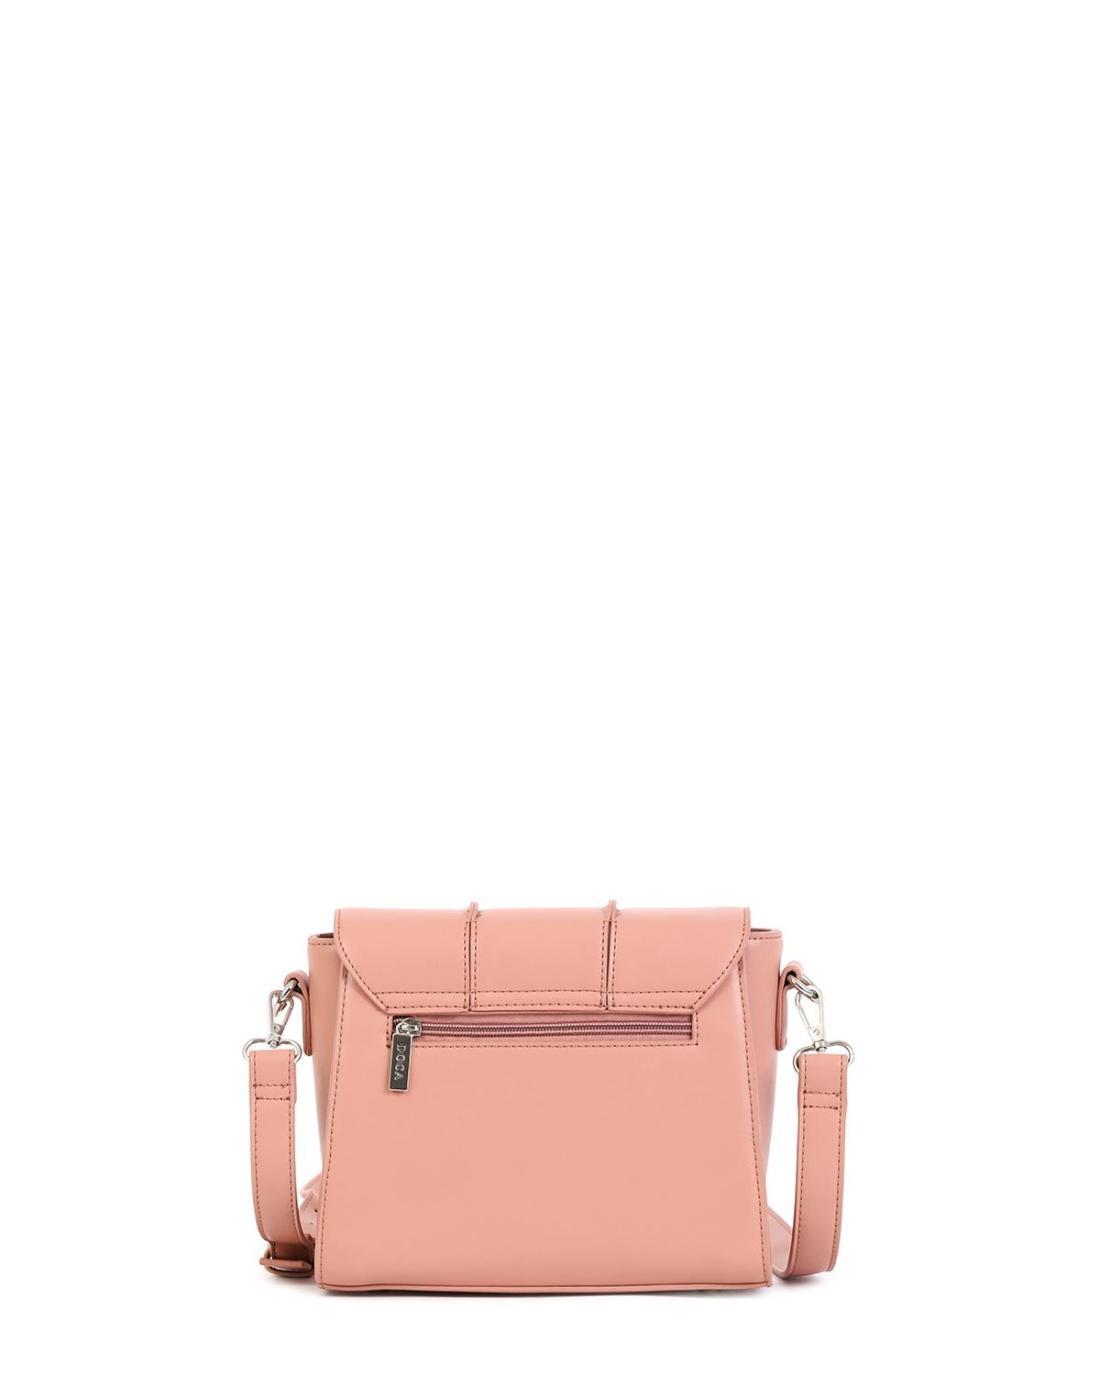 Τσάντα χιαστί ροζ